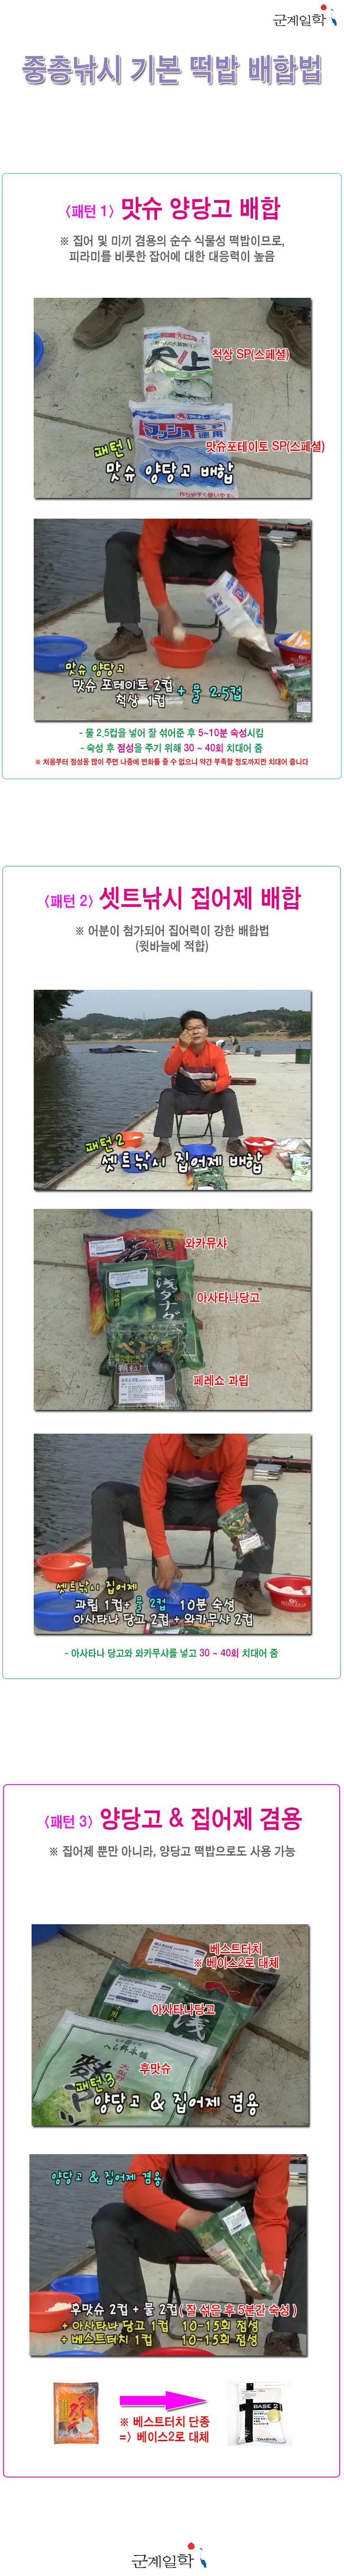 중층 떡밥 배합법.jpg